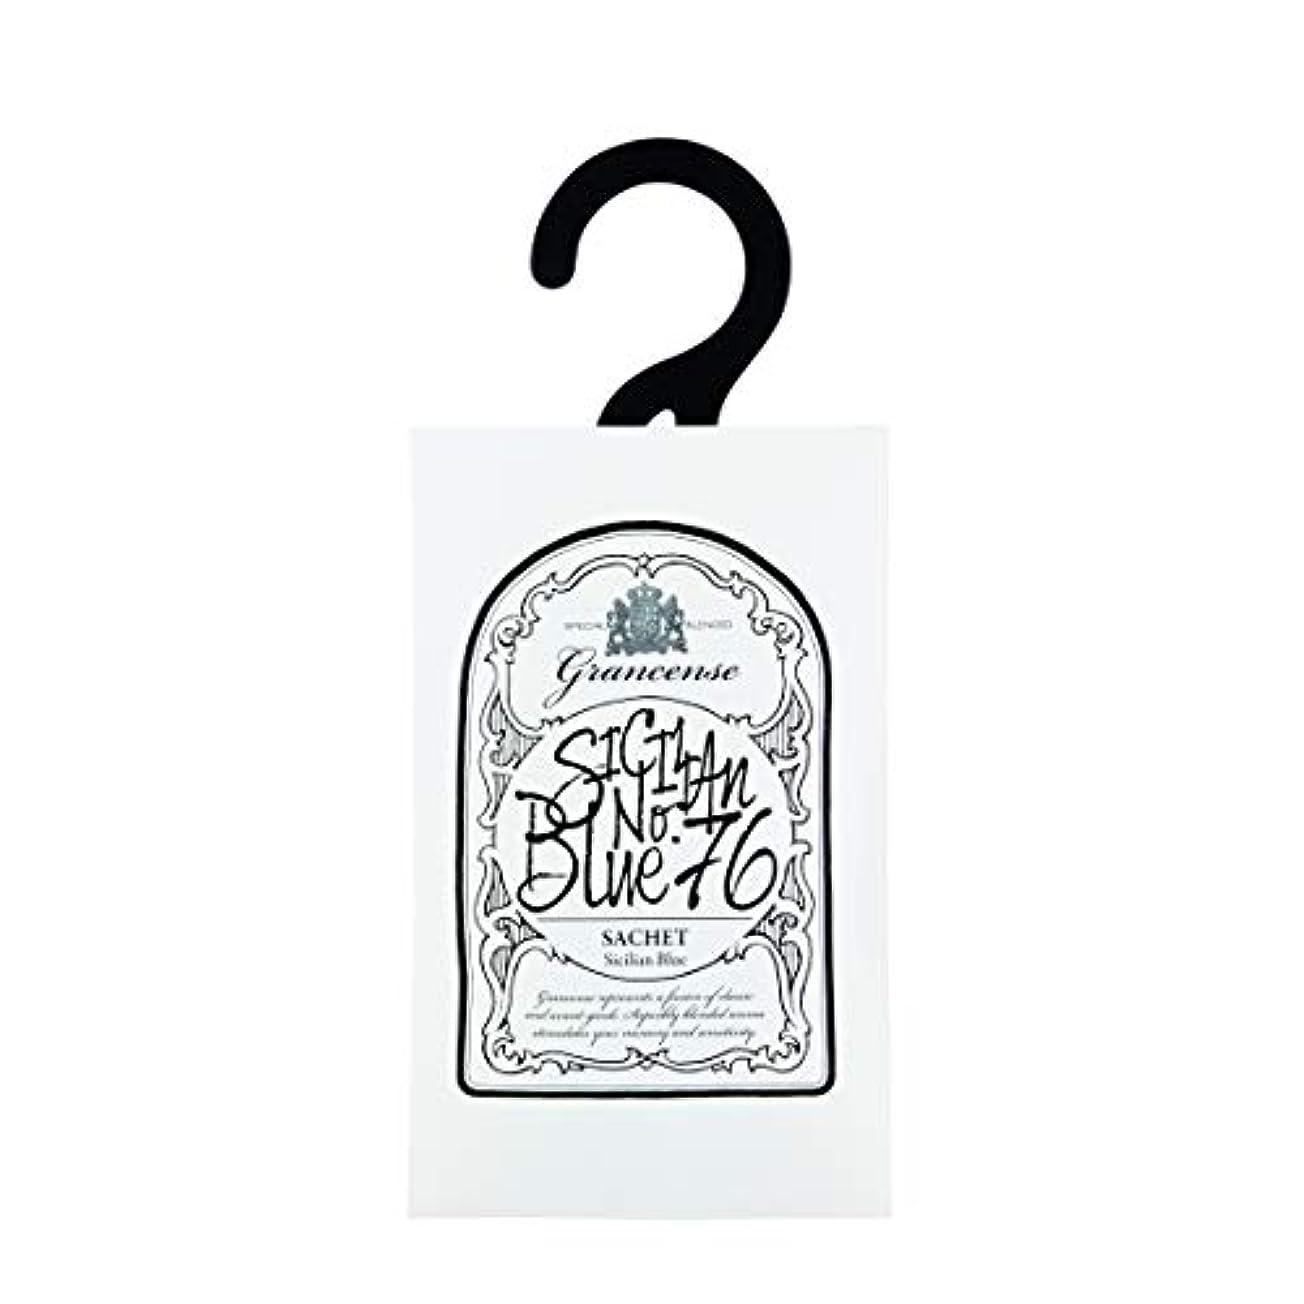 挽く心配するセラーグランセンス サシェ(約2~4週間) シチリアンブルー 12g(芳香剤 香り袋 アロマサシェ レモンやライムの爽快なシトラスノートは清涼感を感じさせる香り)